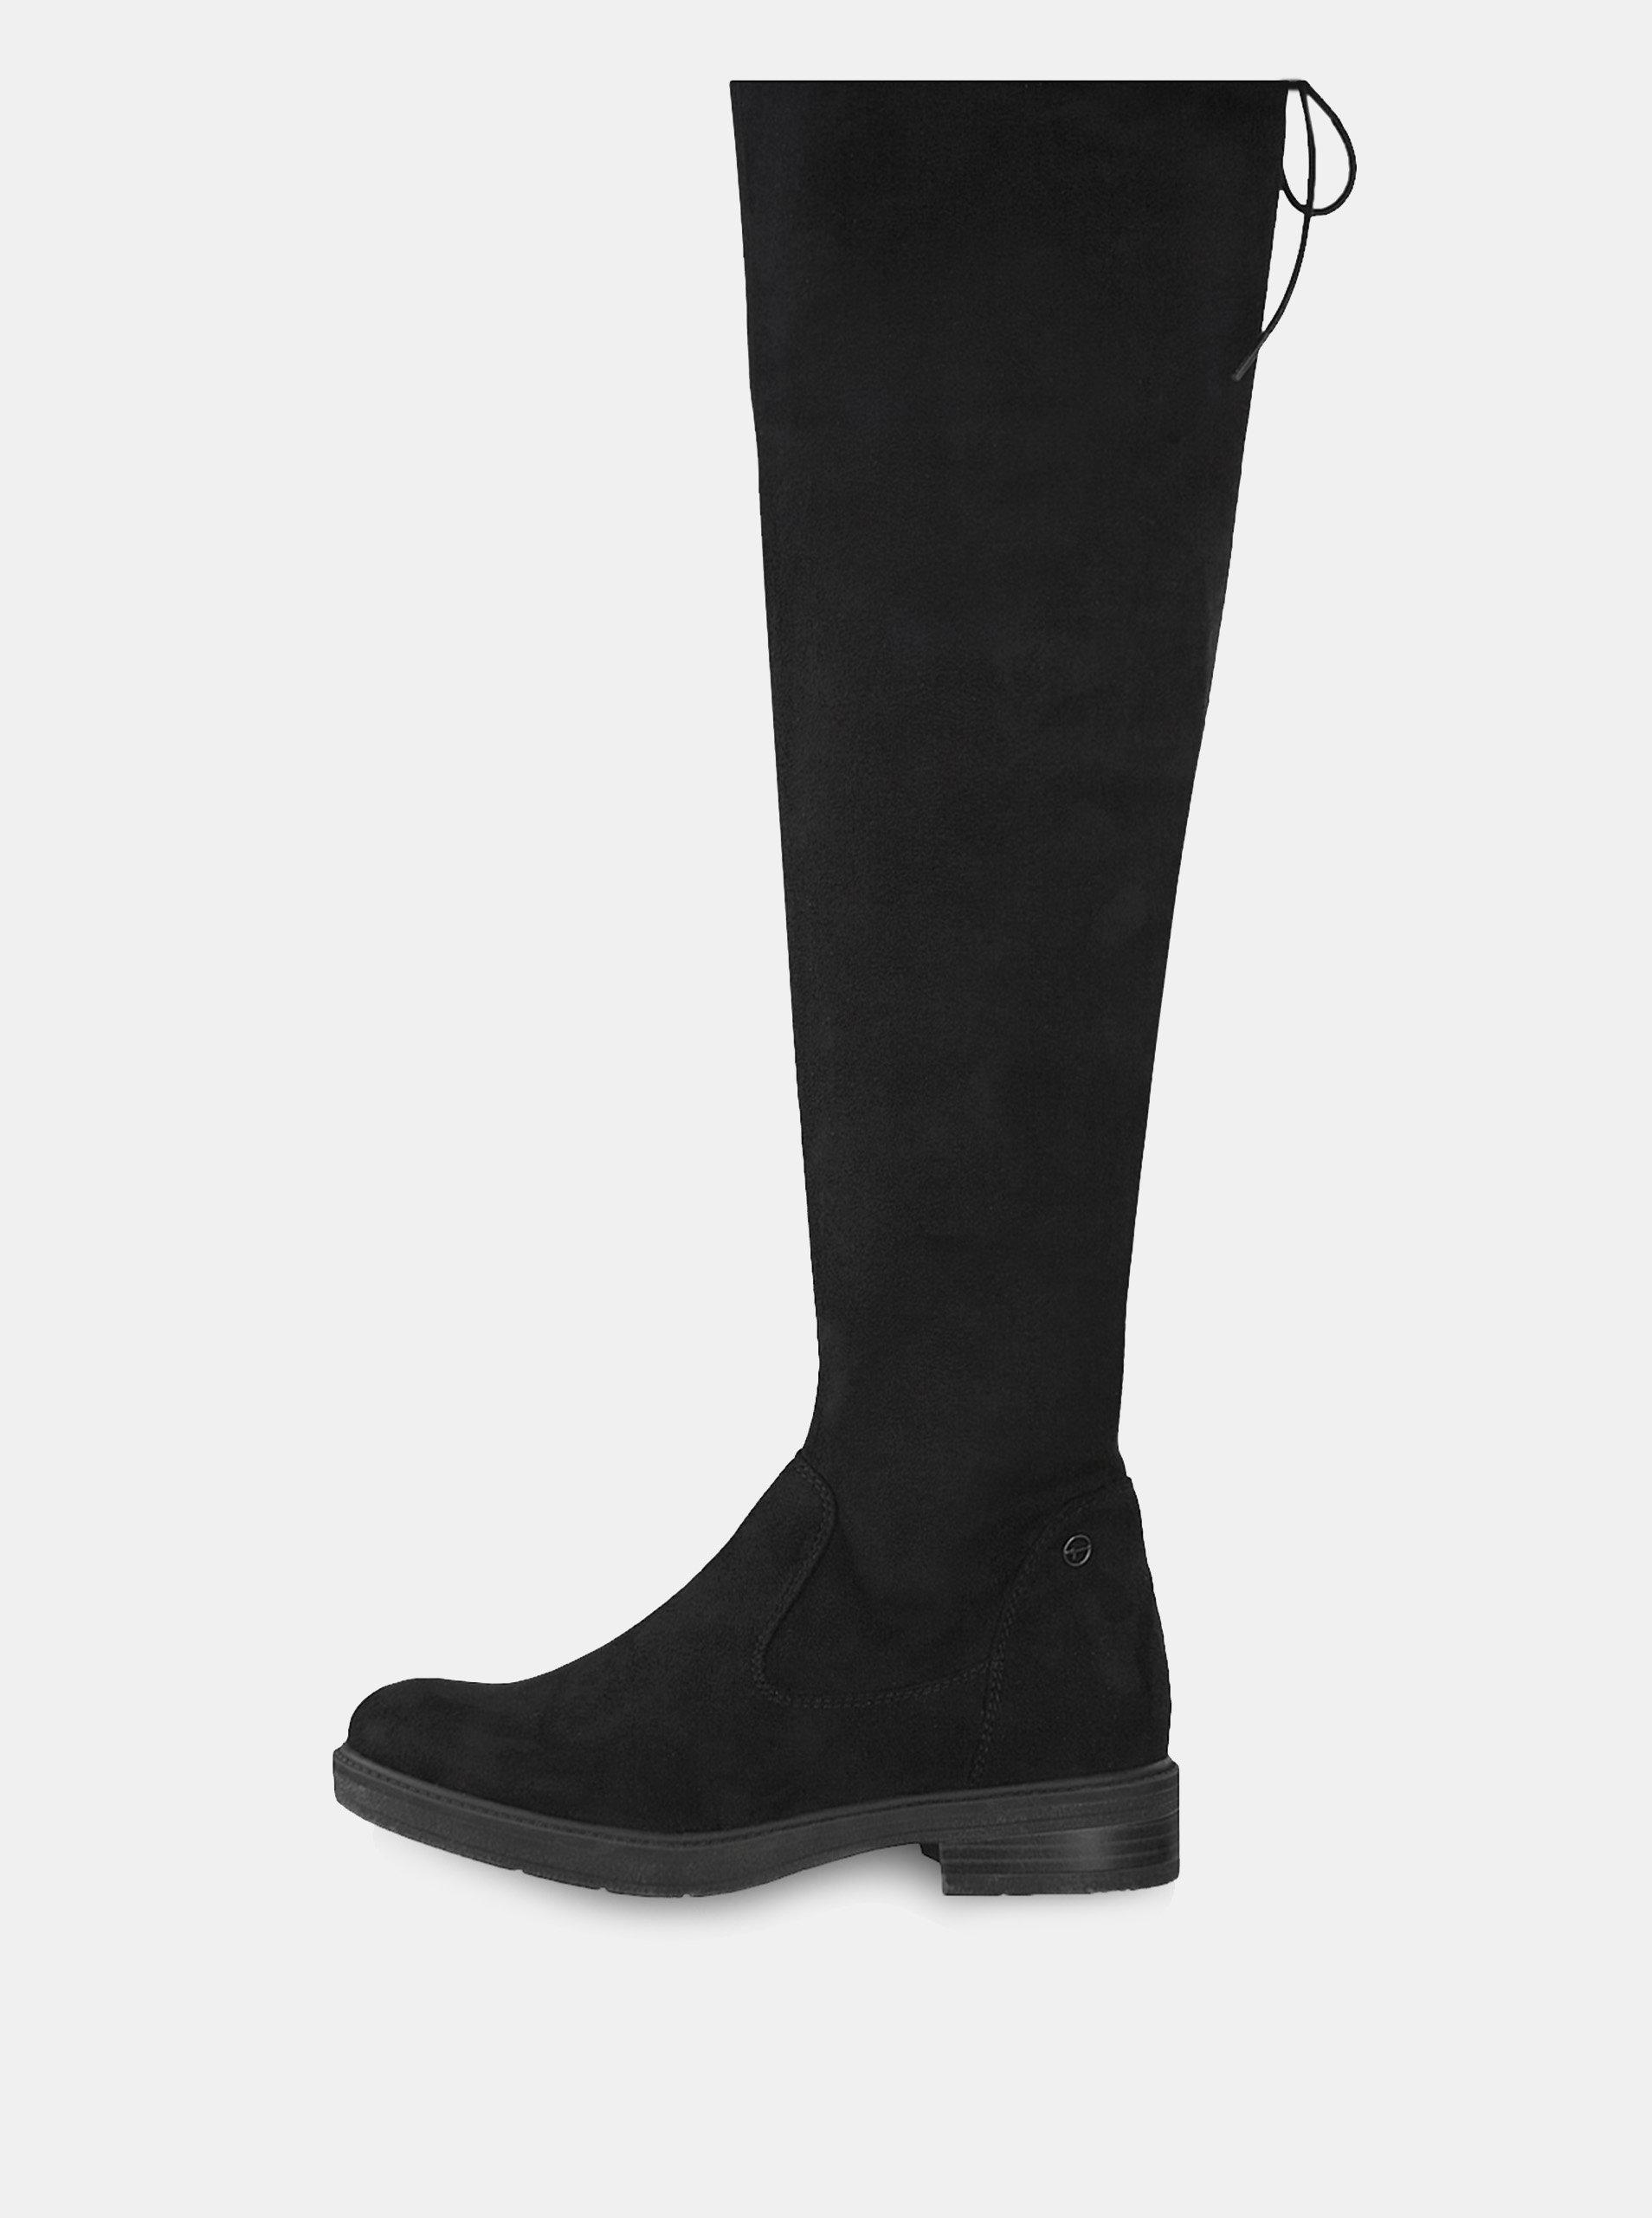 b1eee9968e88c Čierne vysoké čižmy v semišovej úprave Tamaris | ZOOT.sk